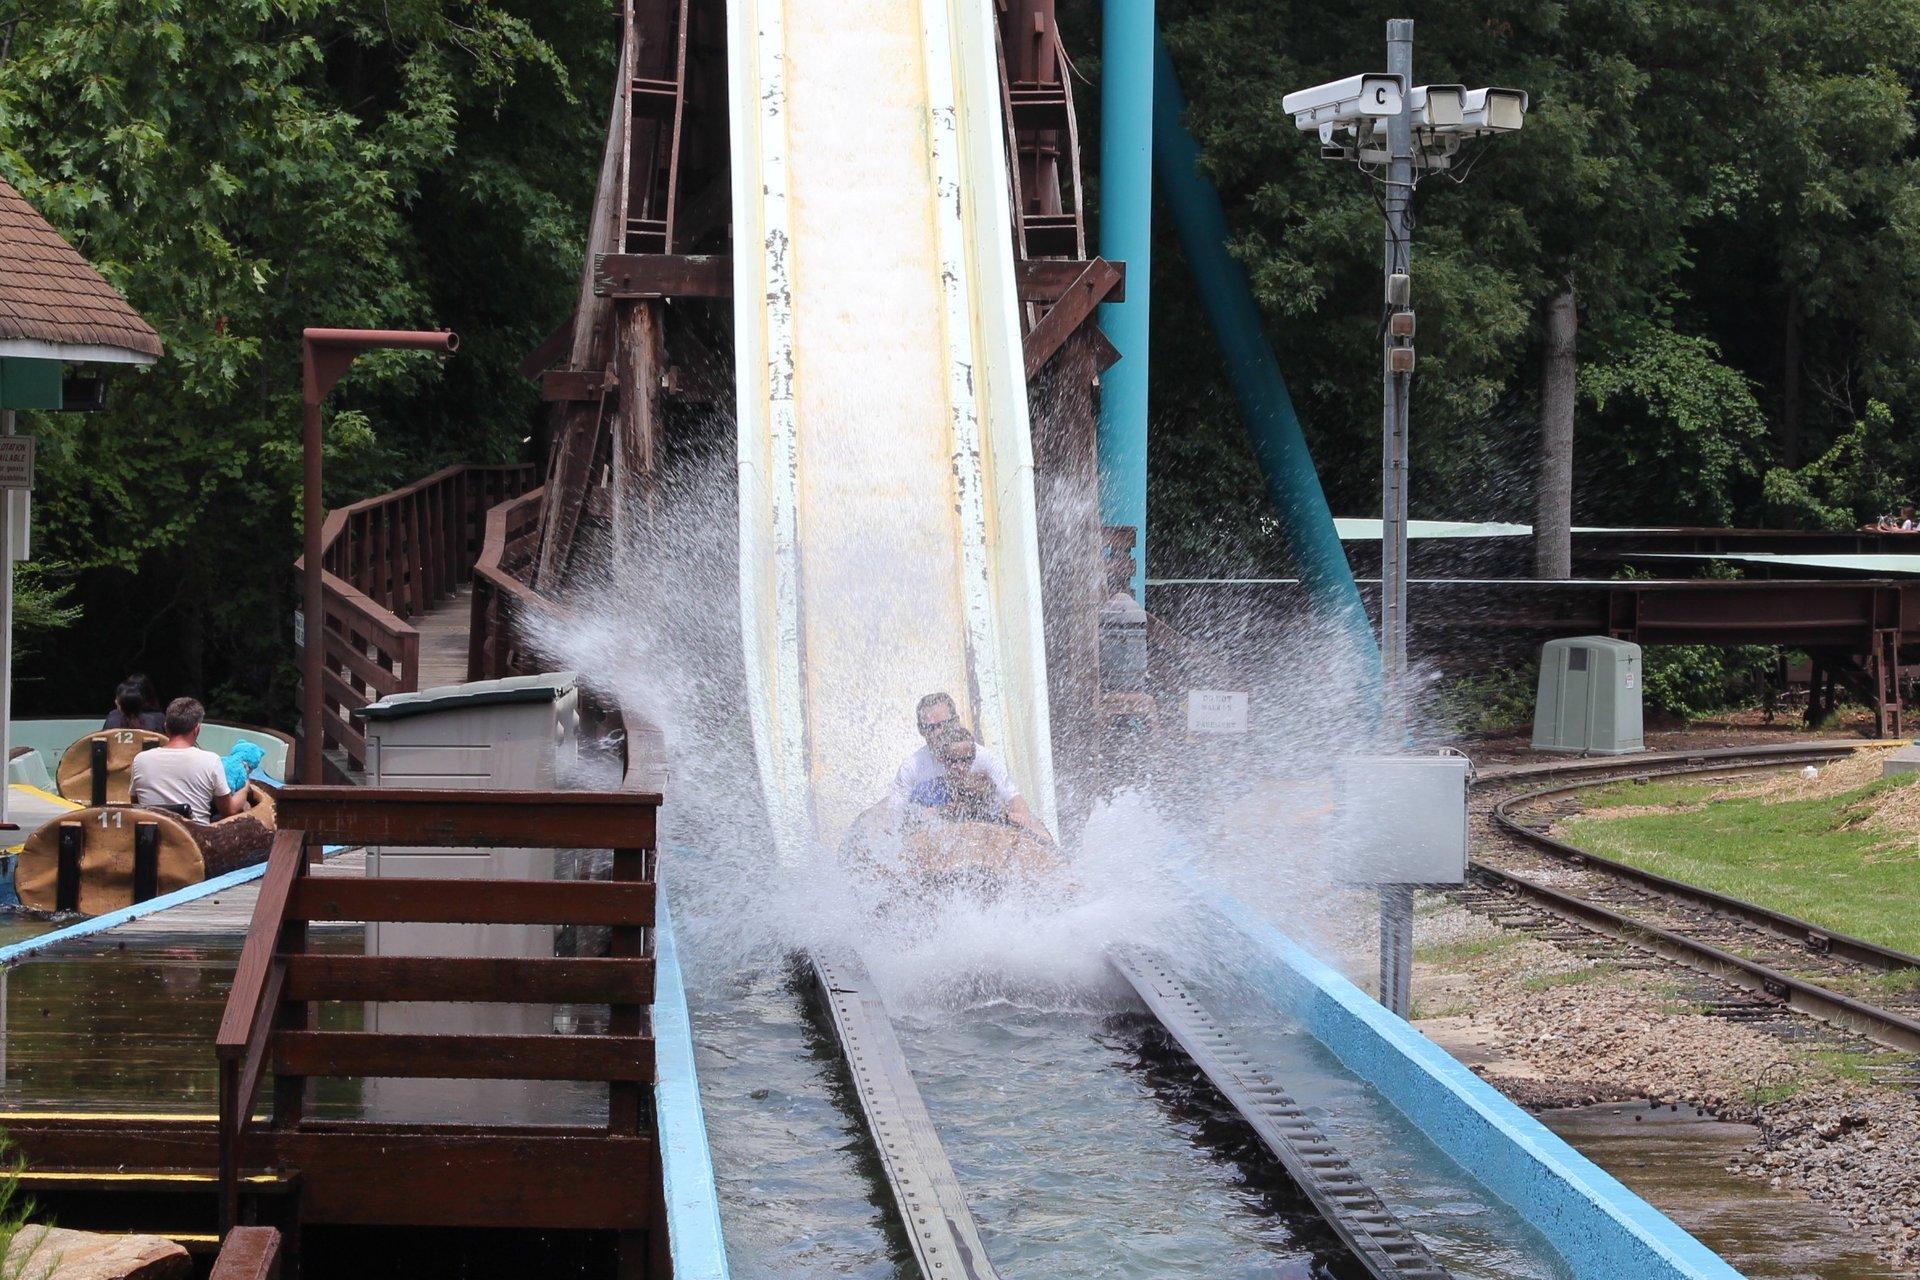 log-jamboree-51 splash